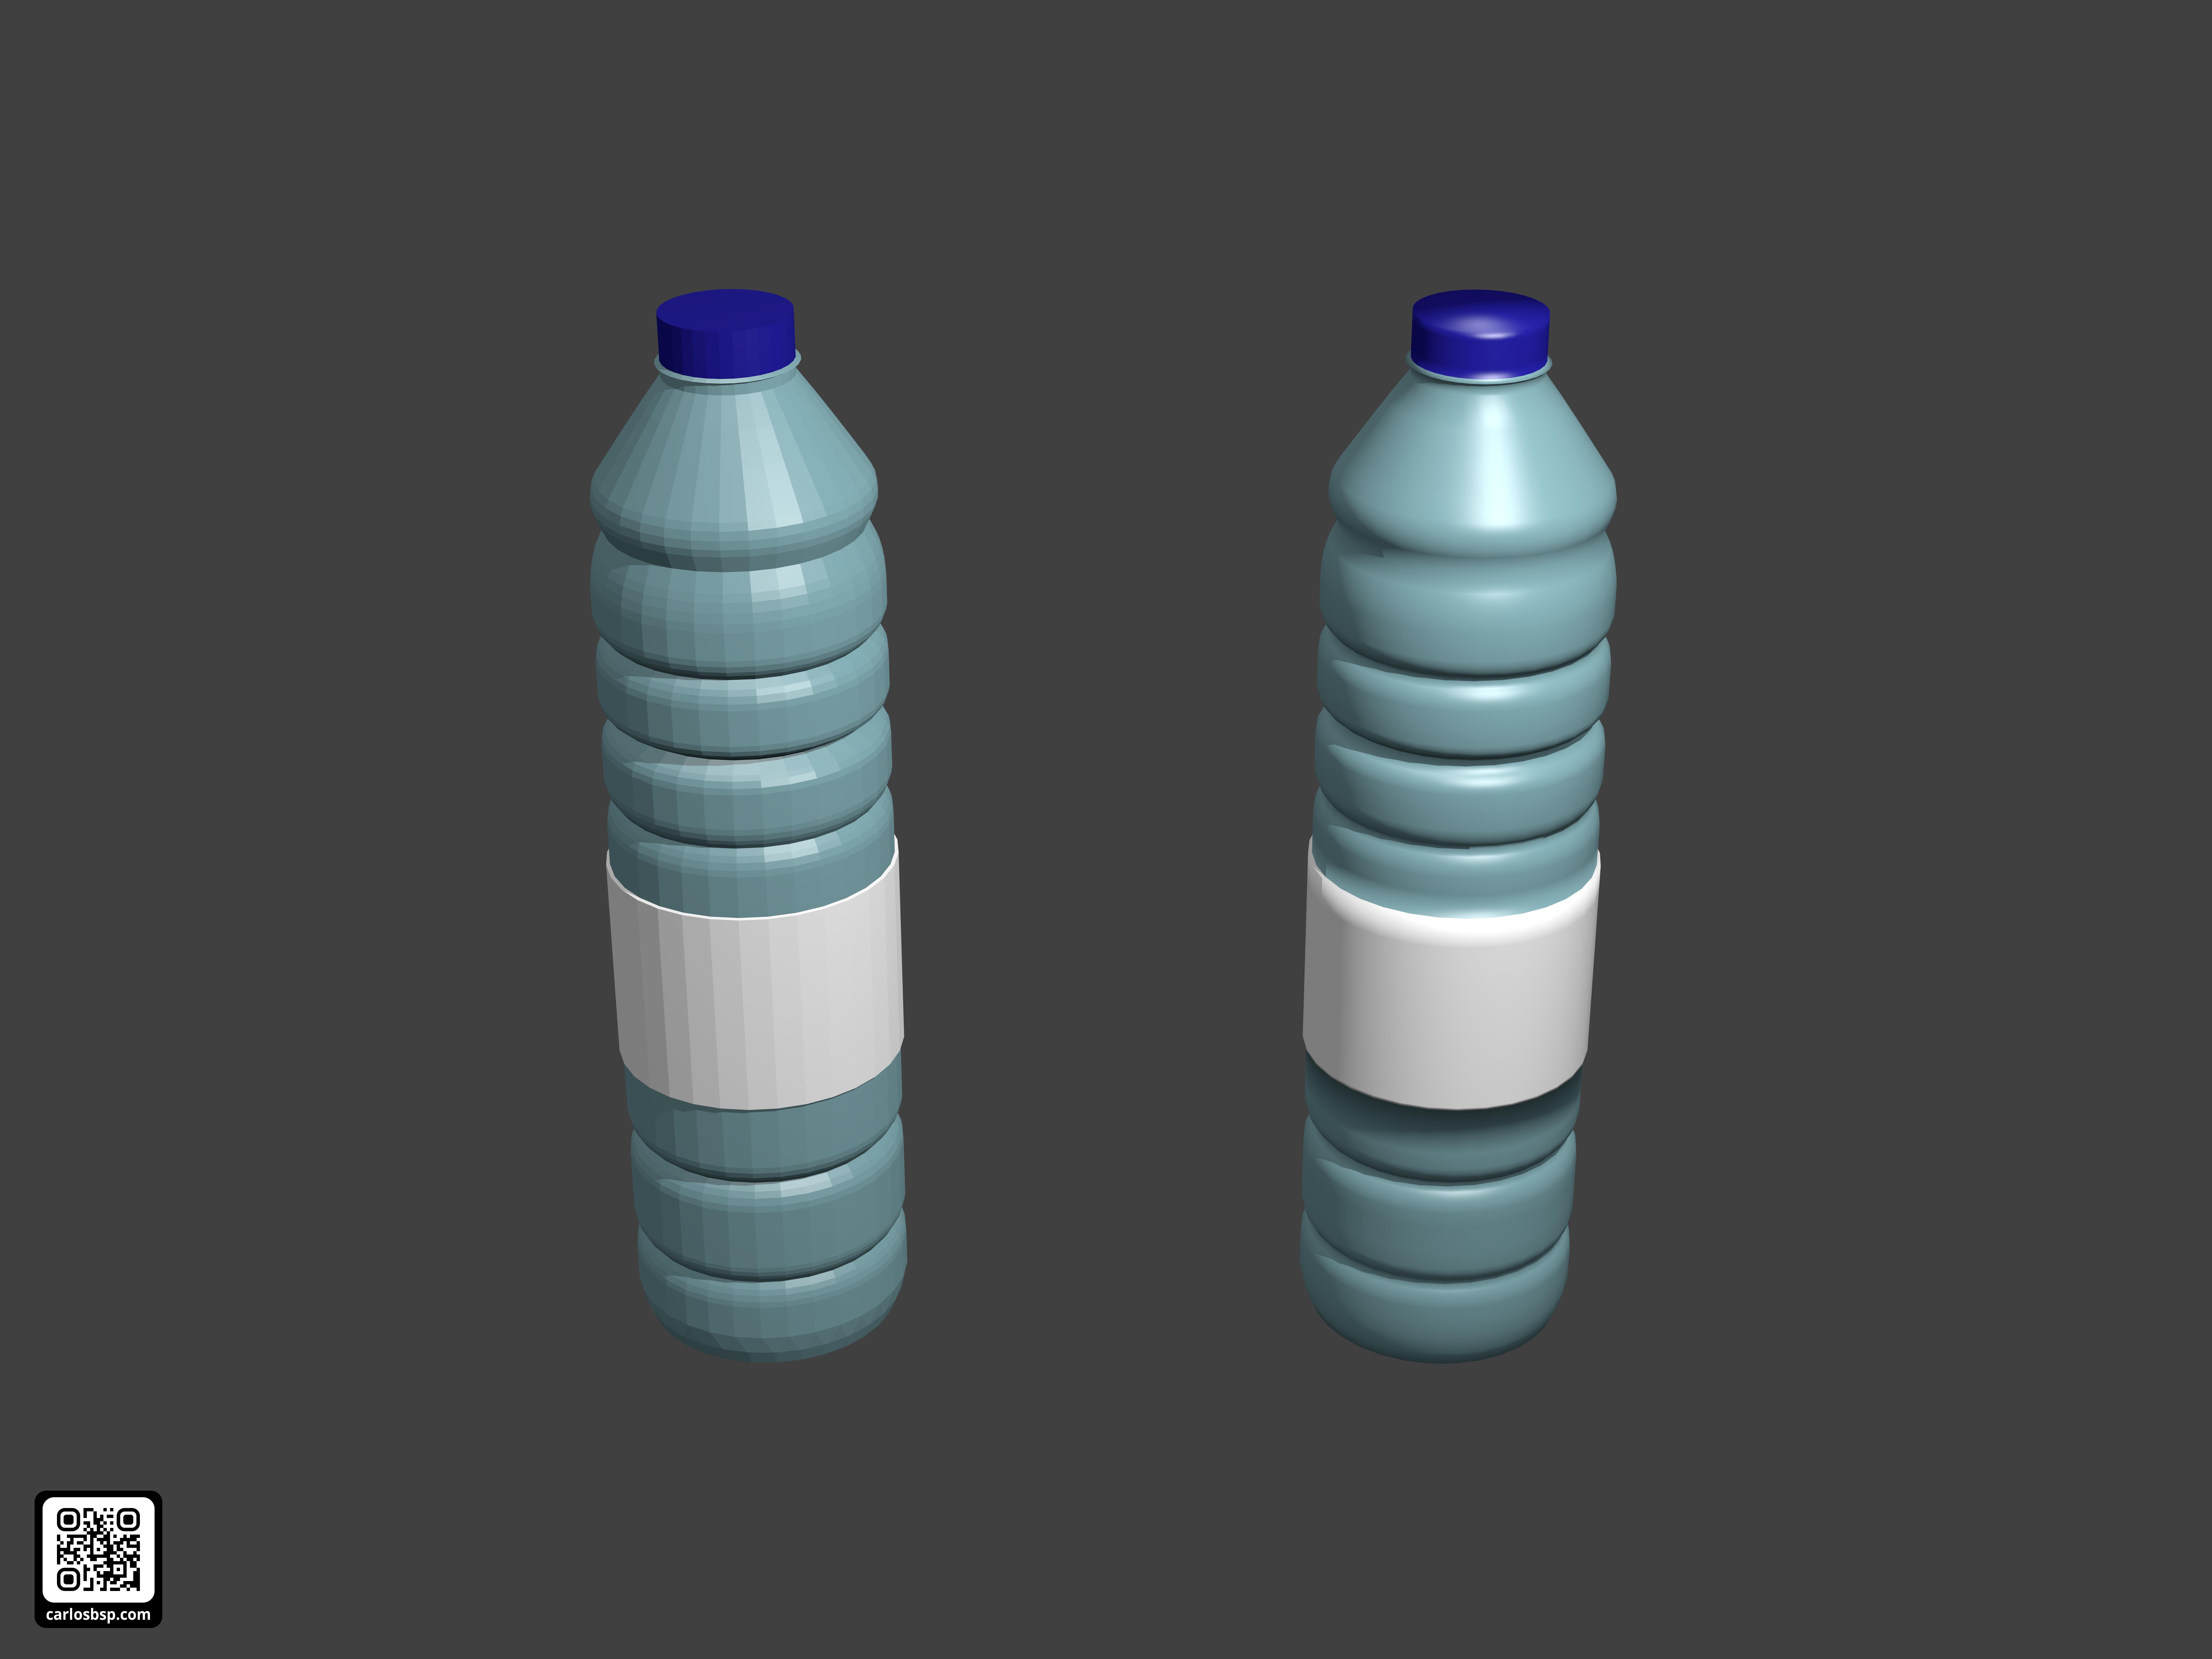 Render de dos botellas. Una con shader suave y otra con shader geométrico